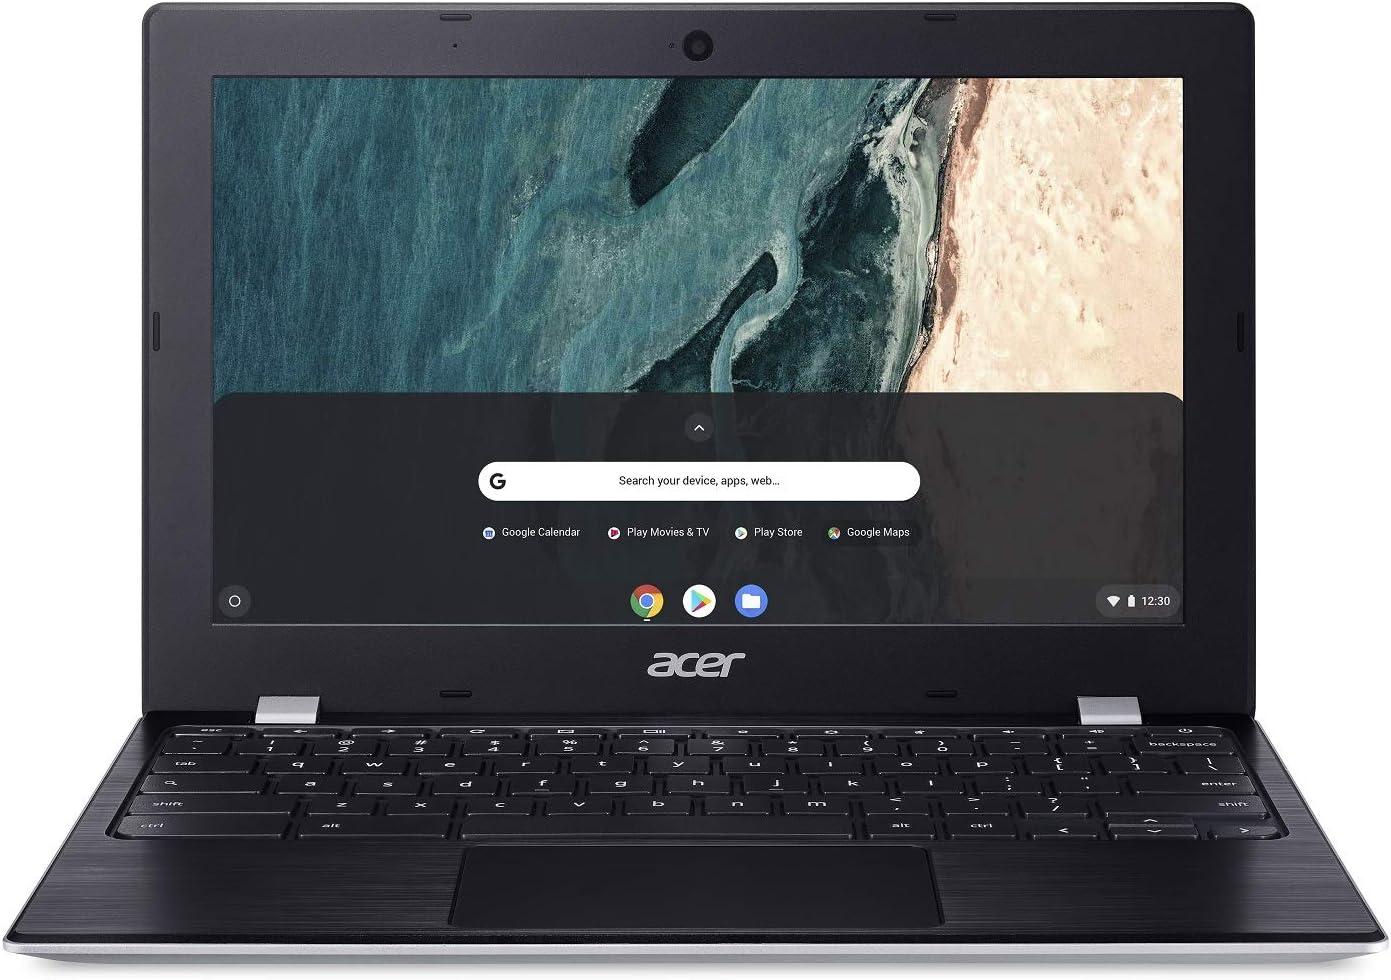 """Acer Chromebook 311 CB311-9H-C12A, Intel Celeron N4000, 11.6"""" HD, 4GB LPDDR4, 32GB eMMC, Gigabit WiFi, Bluetooth 5.0"""